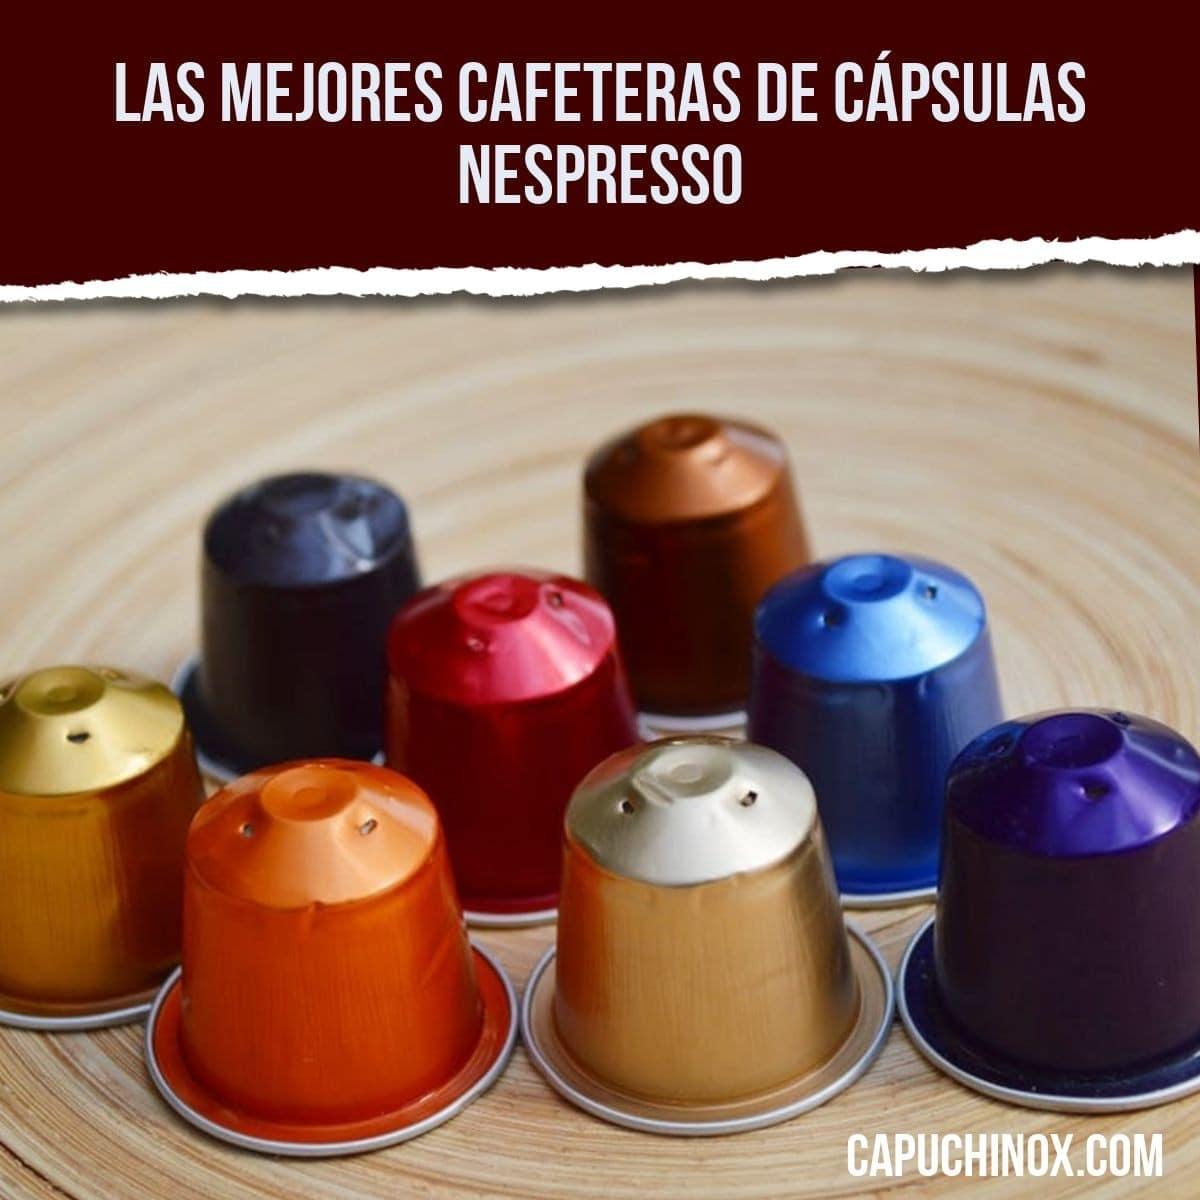 Las 10 mejores cafeteras de cápsulas Nespresso que puedes